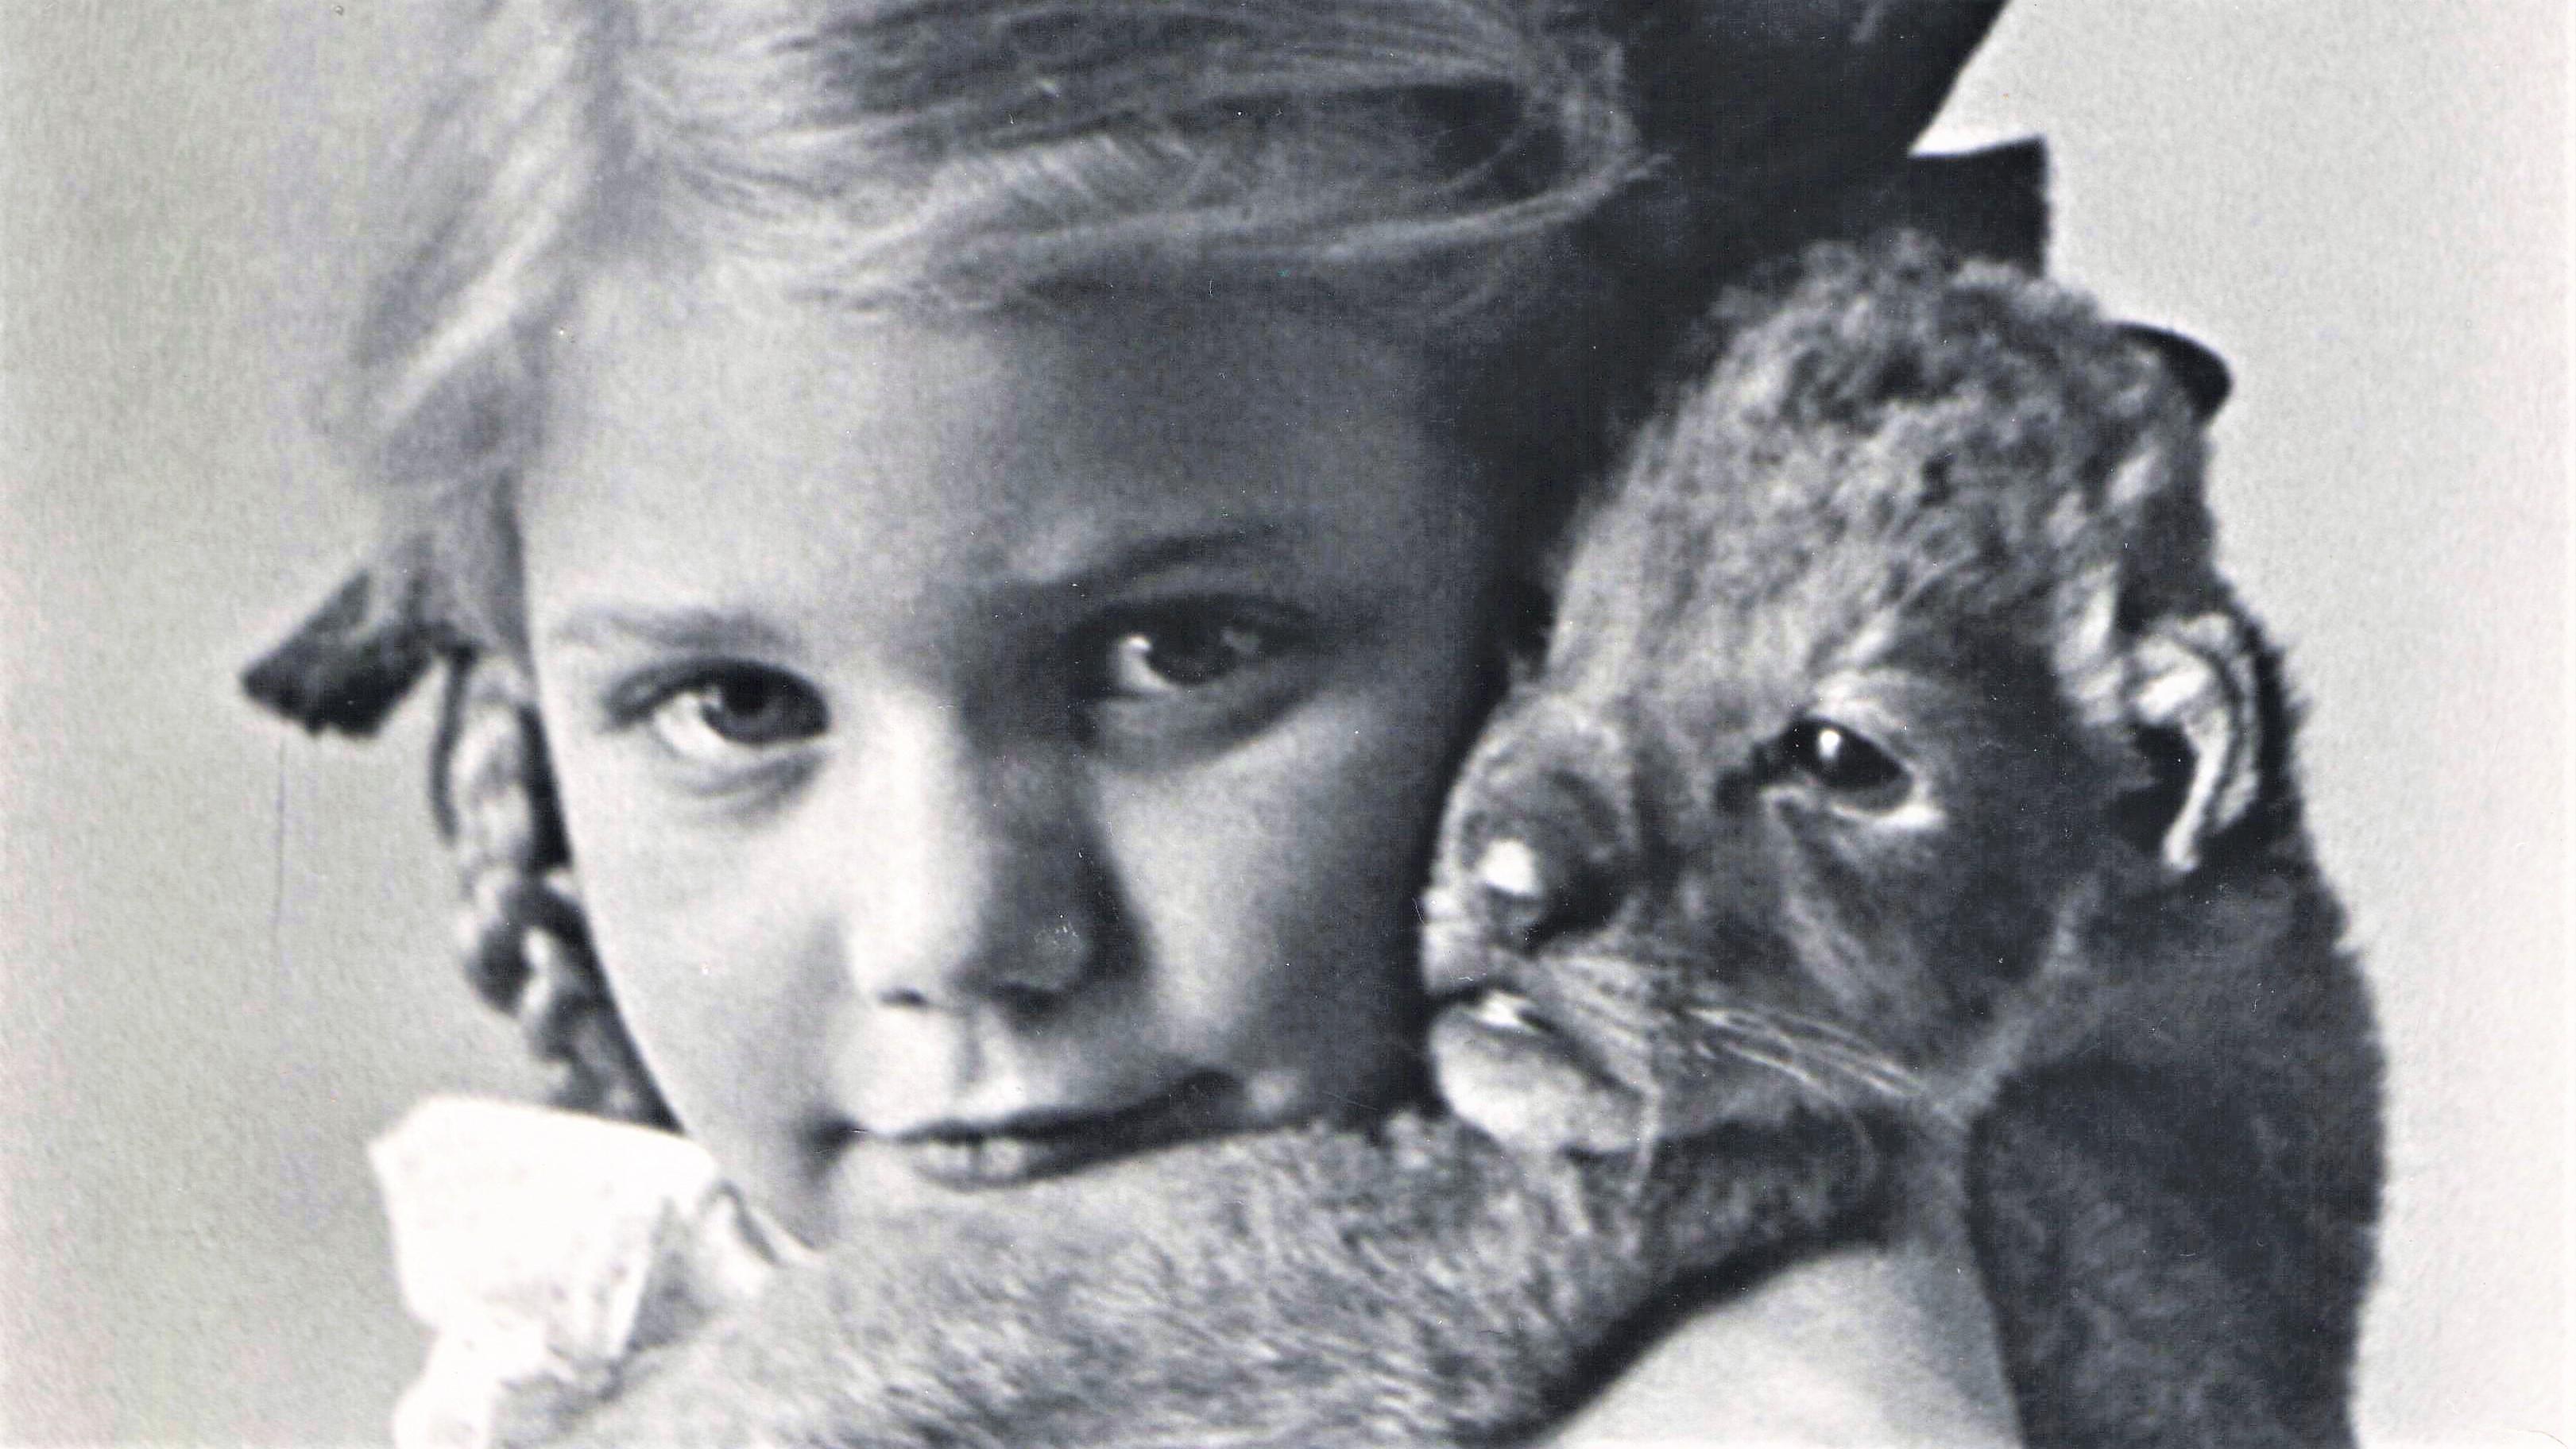 Dziewczynka z lwem, zbiory Muzeum Warszawy